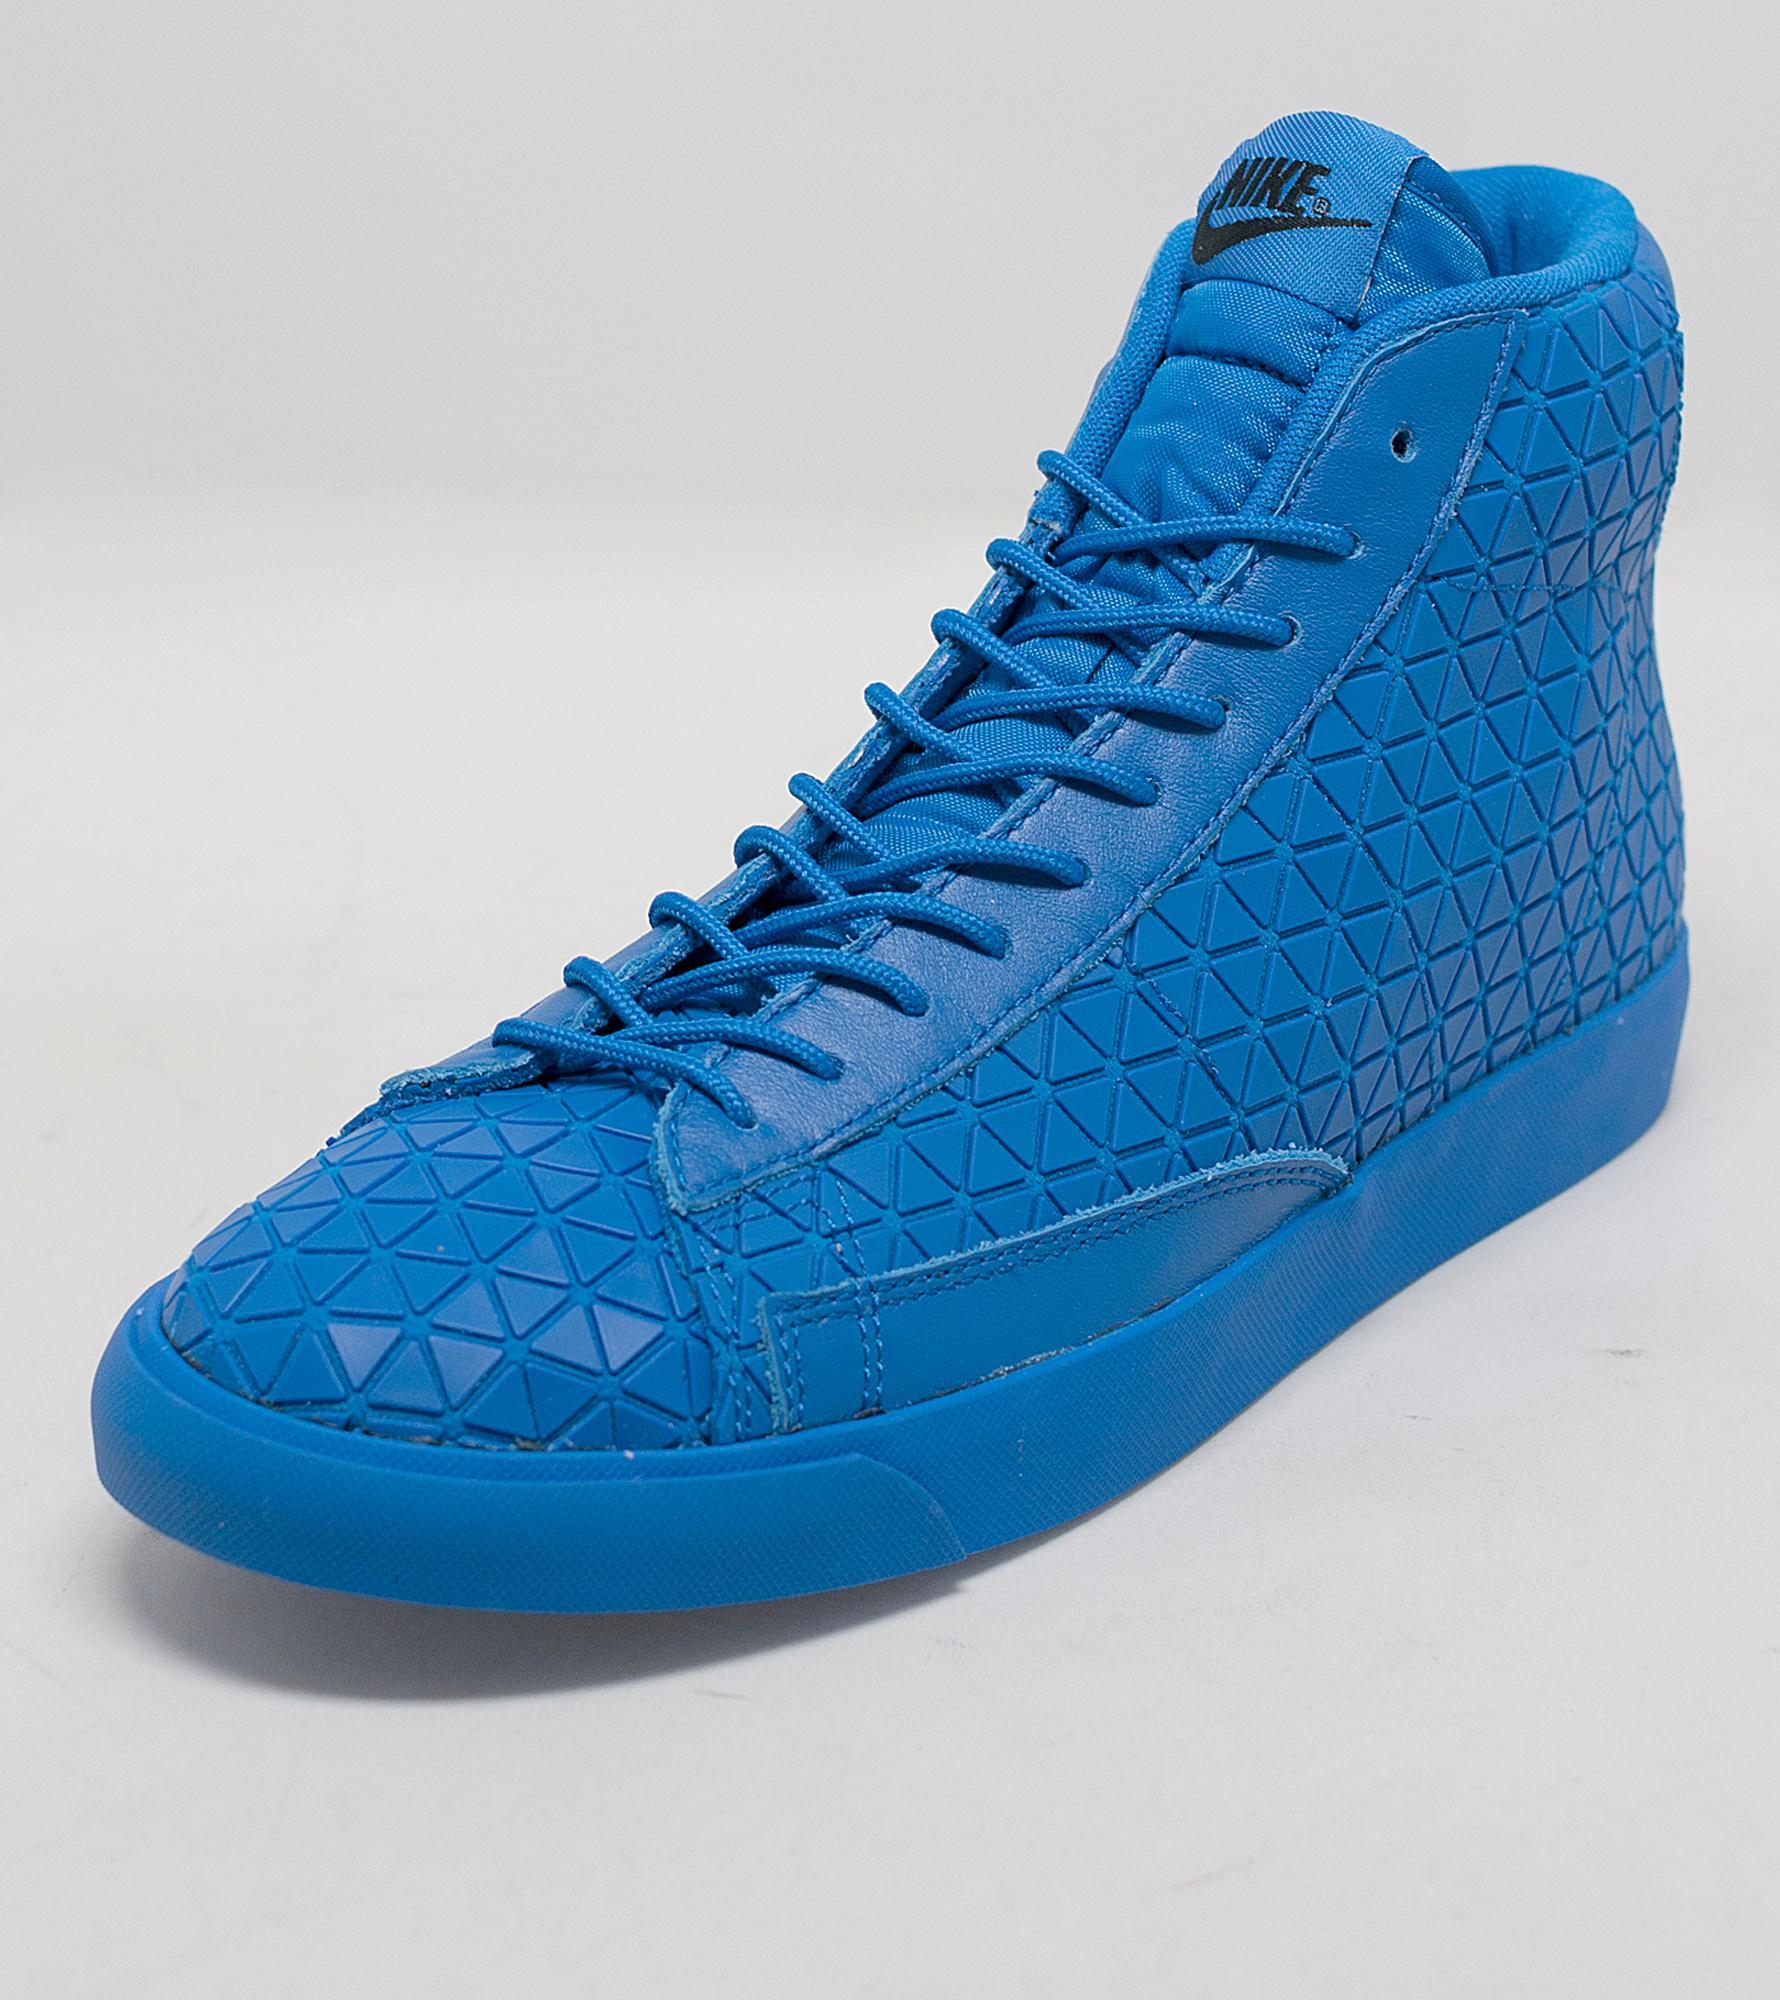 Nike Blazer Mid Métrique Réduisant jeu grand escompte braderie fourniture en vente authentique le moins cher f2Pxt3U